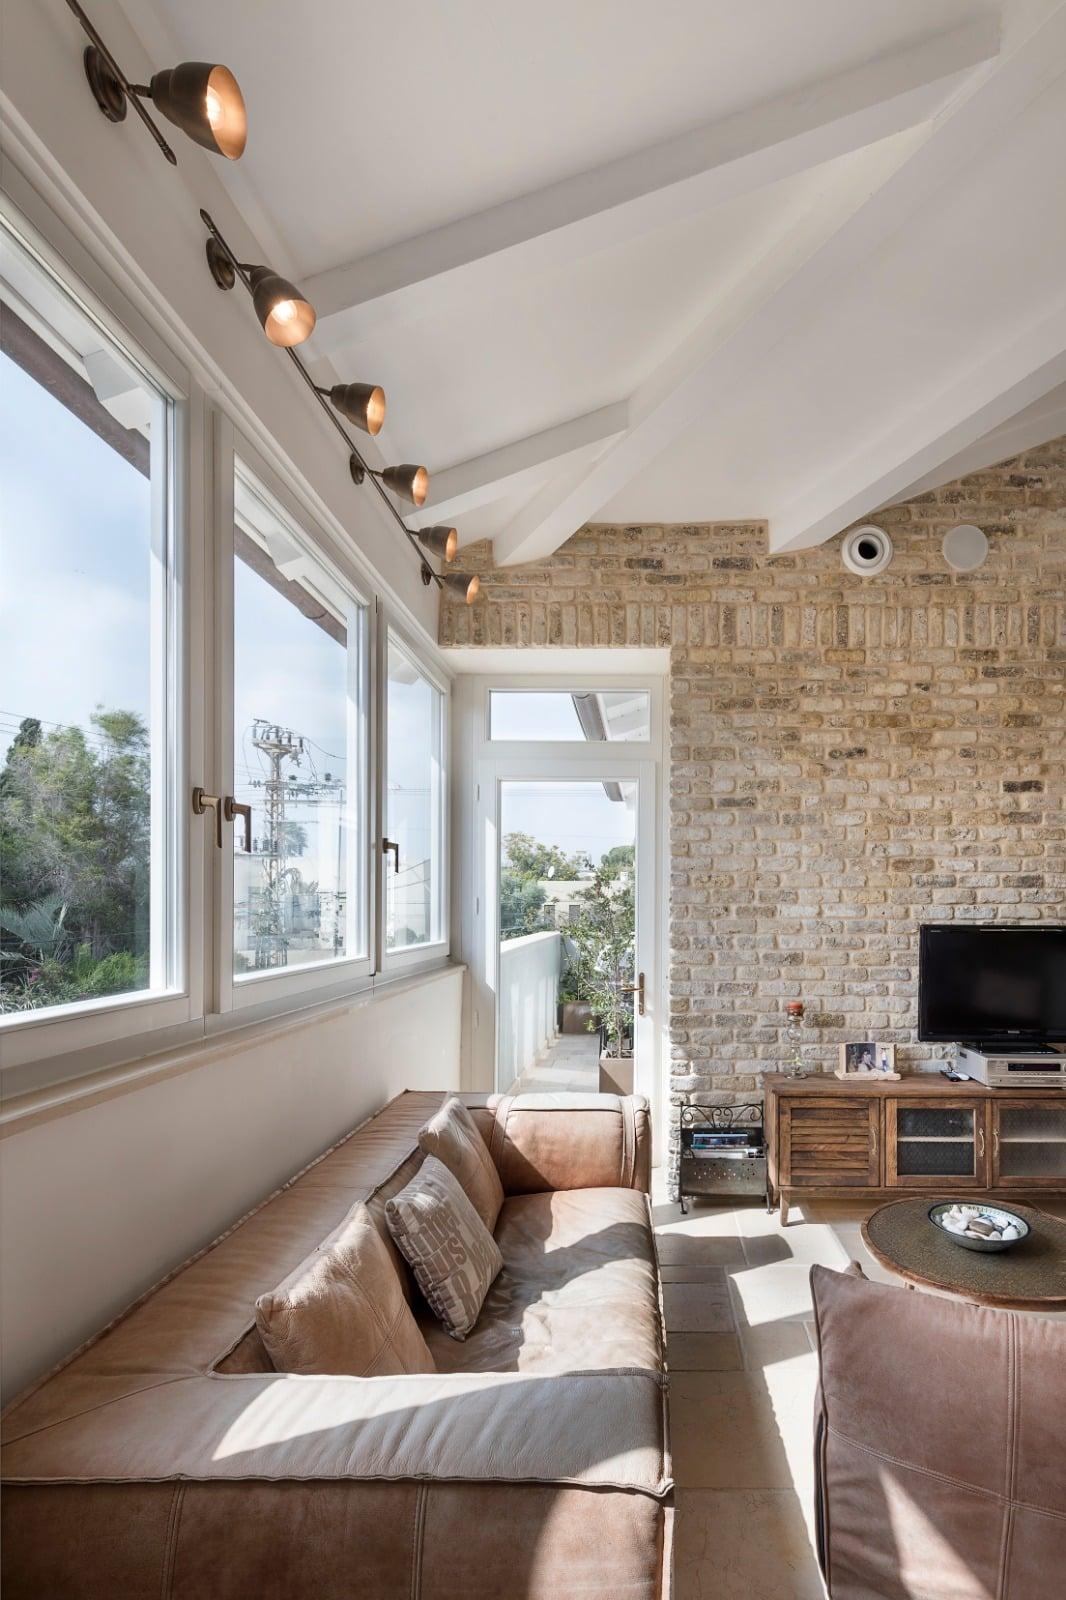 מגוון דגמי חלונות עץ מעוצבים ואיכותיים - קונטור חלונות